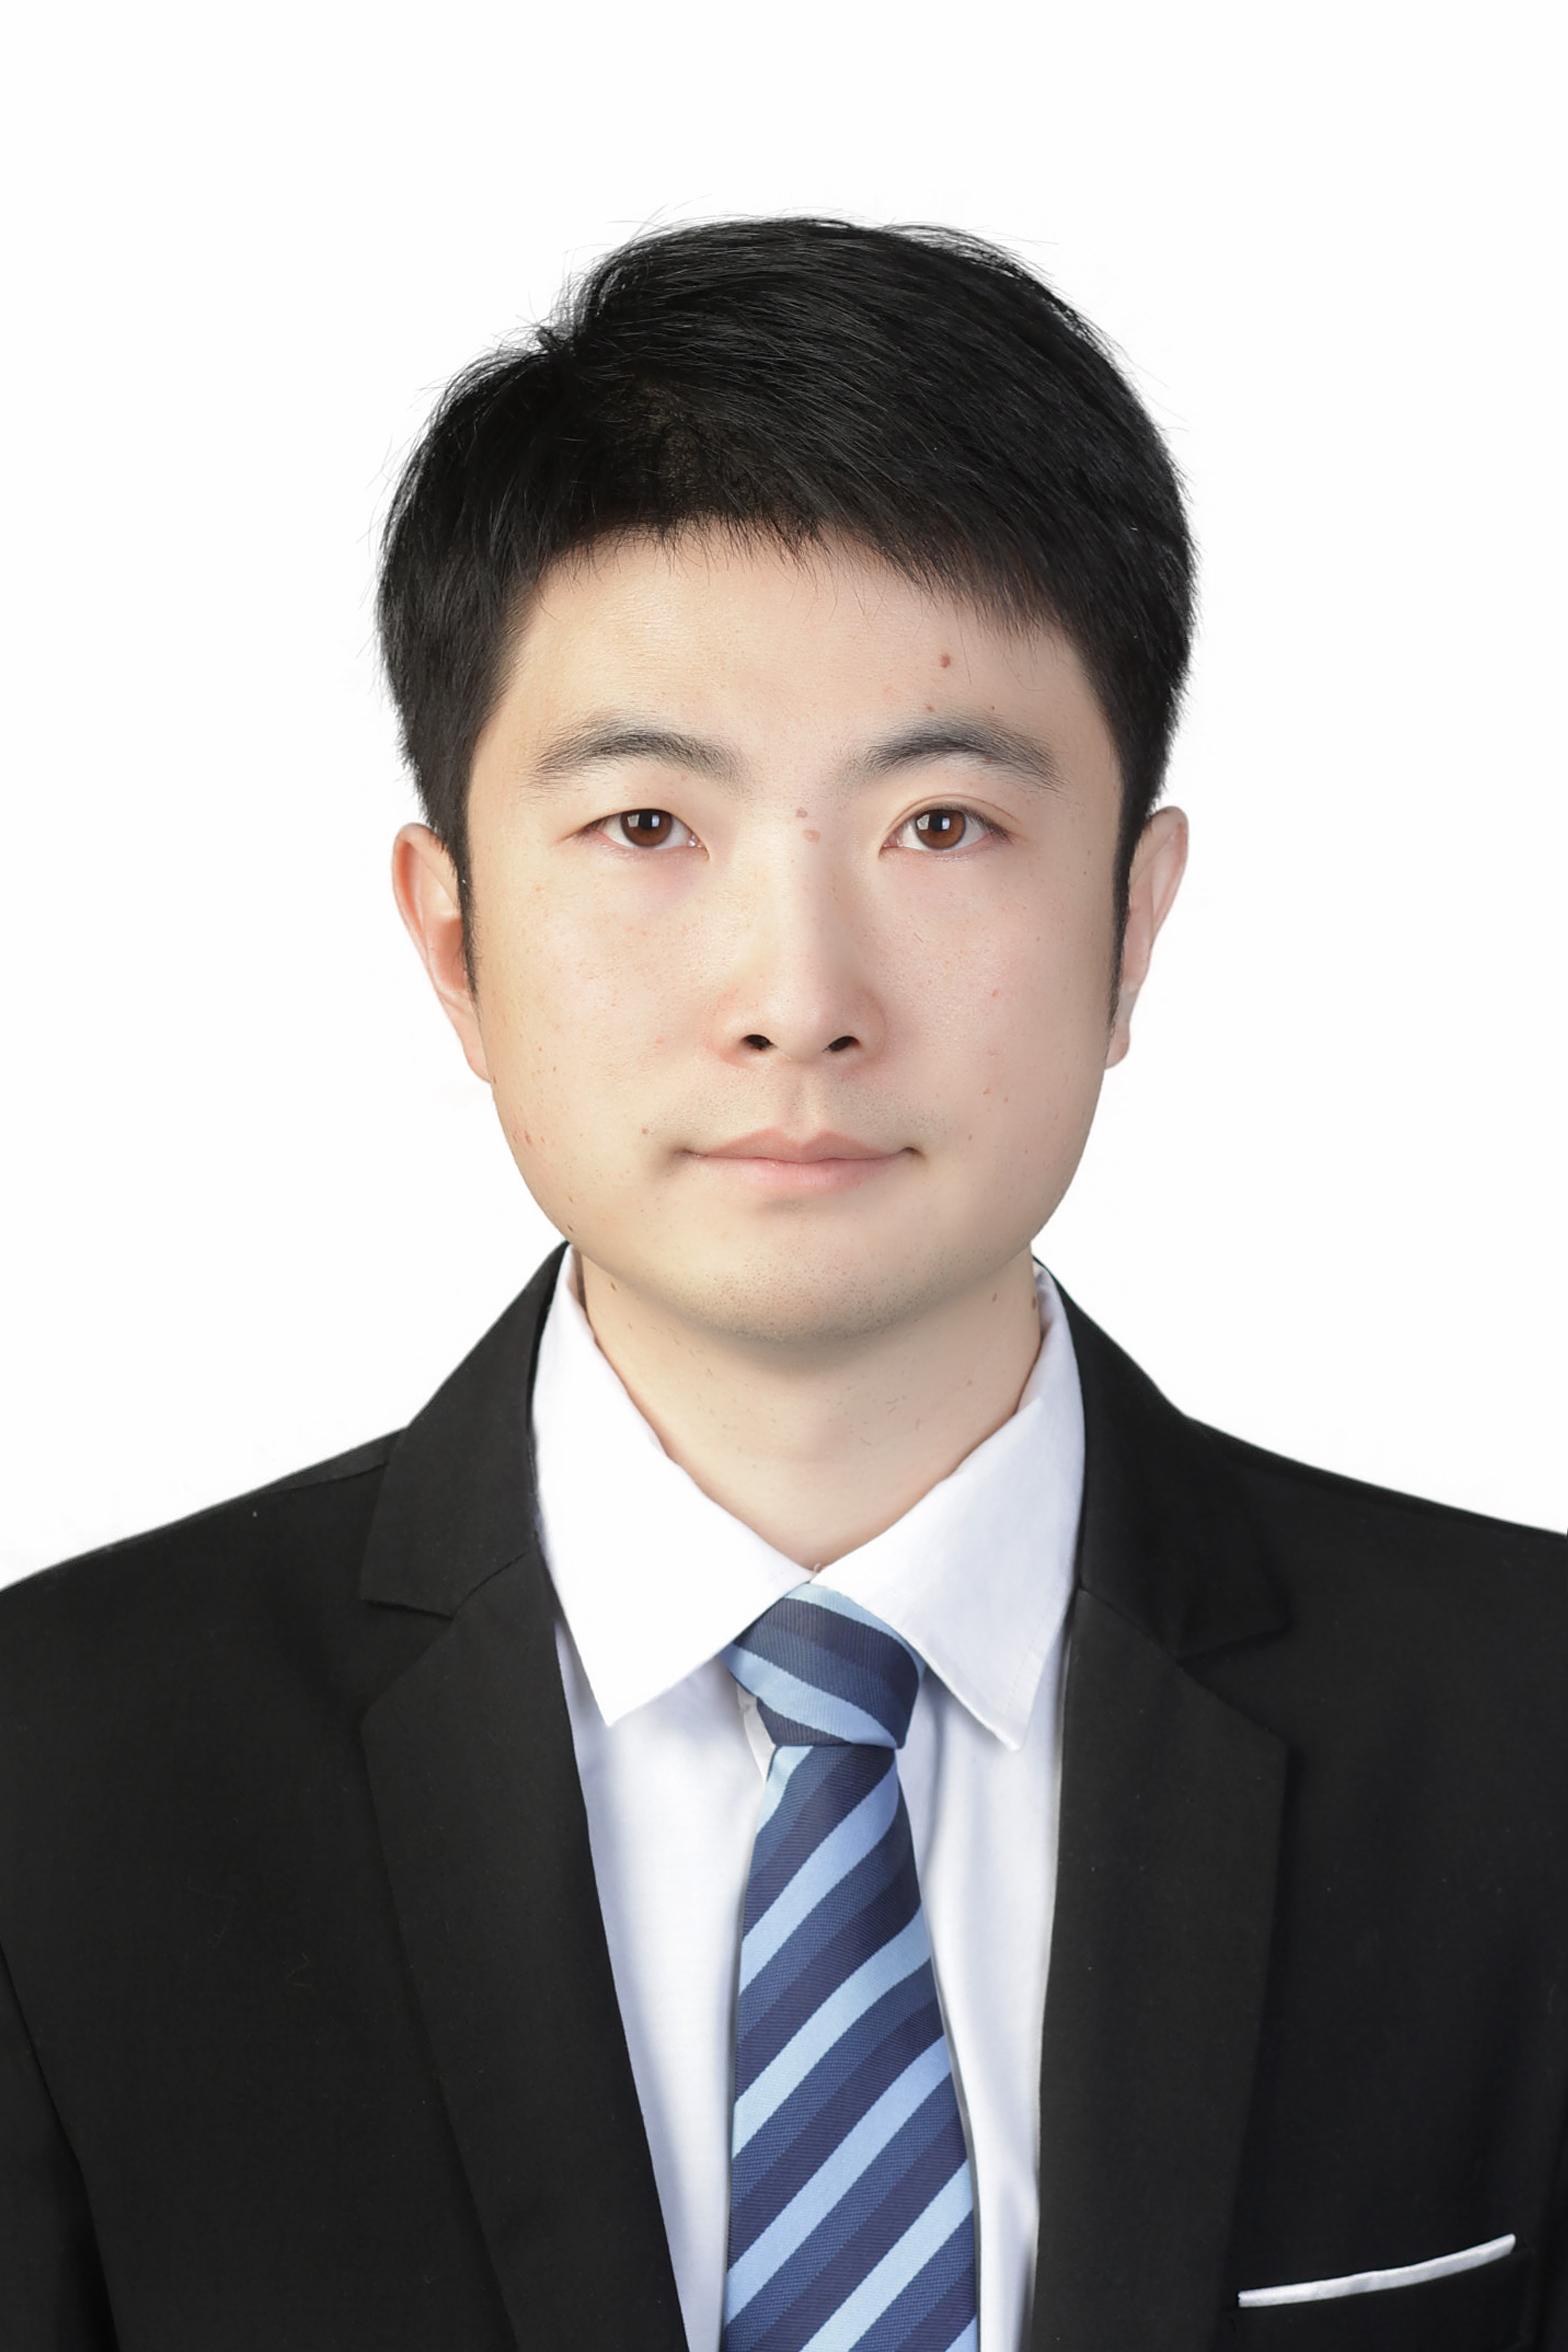 2011会计继续教育_李剑-华中农业大学经济管理学院